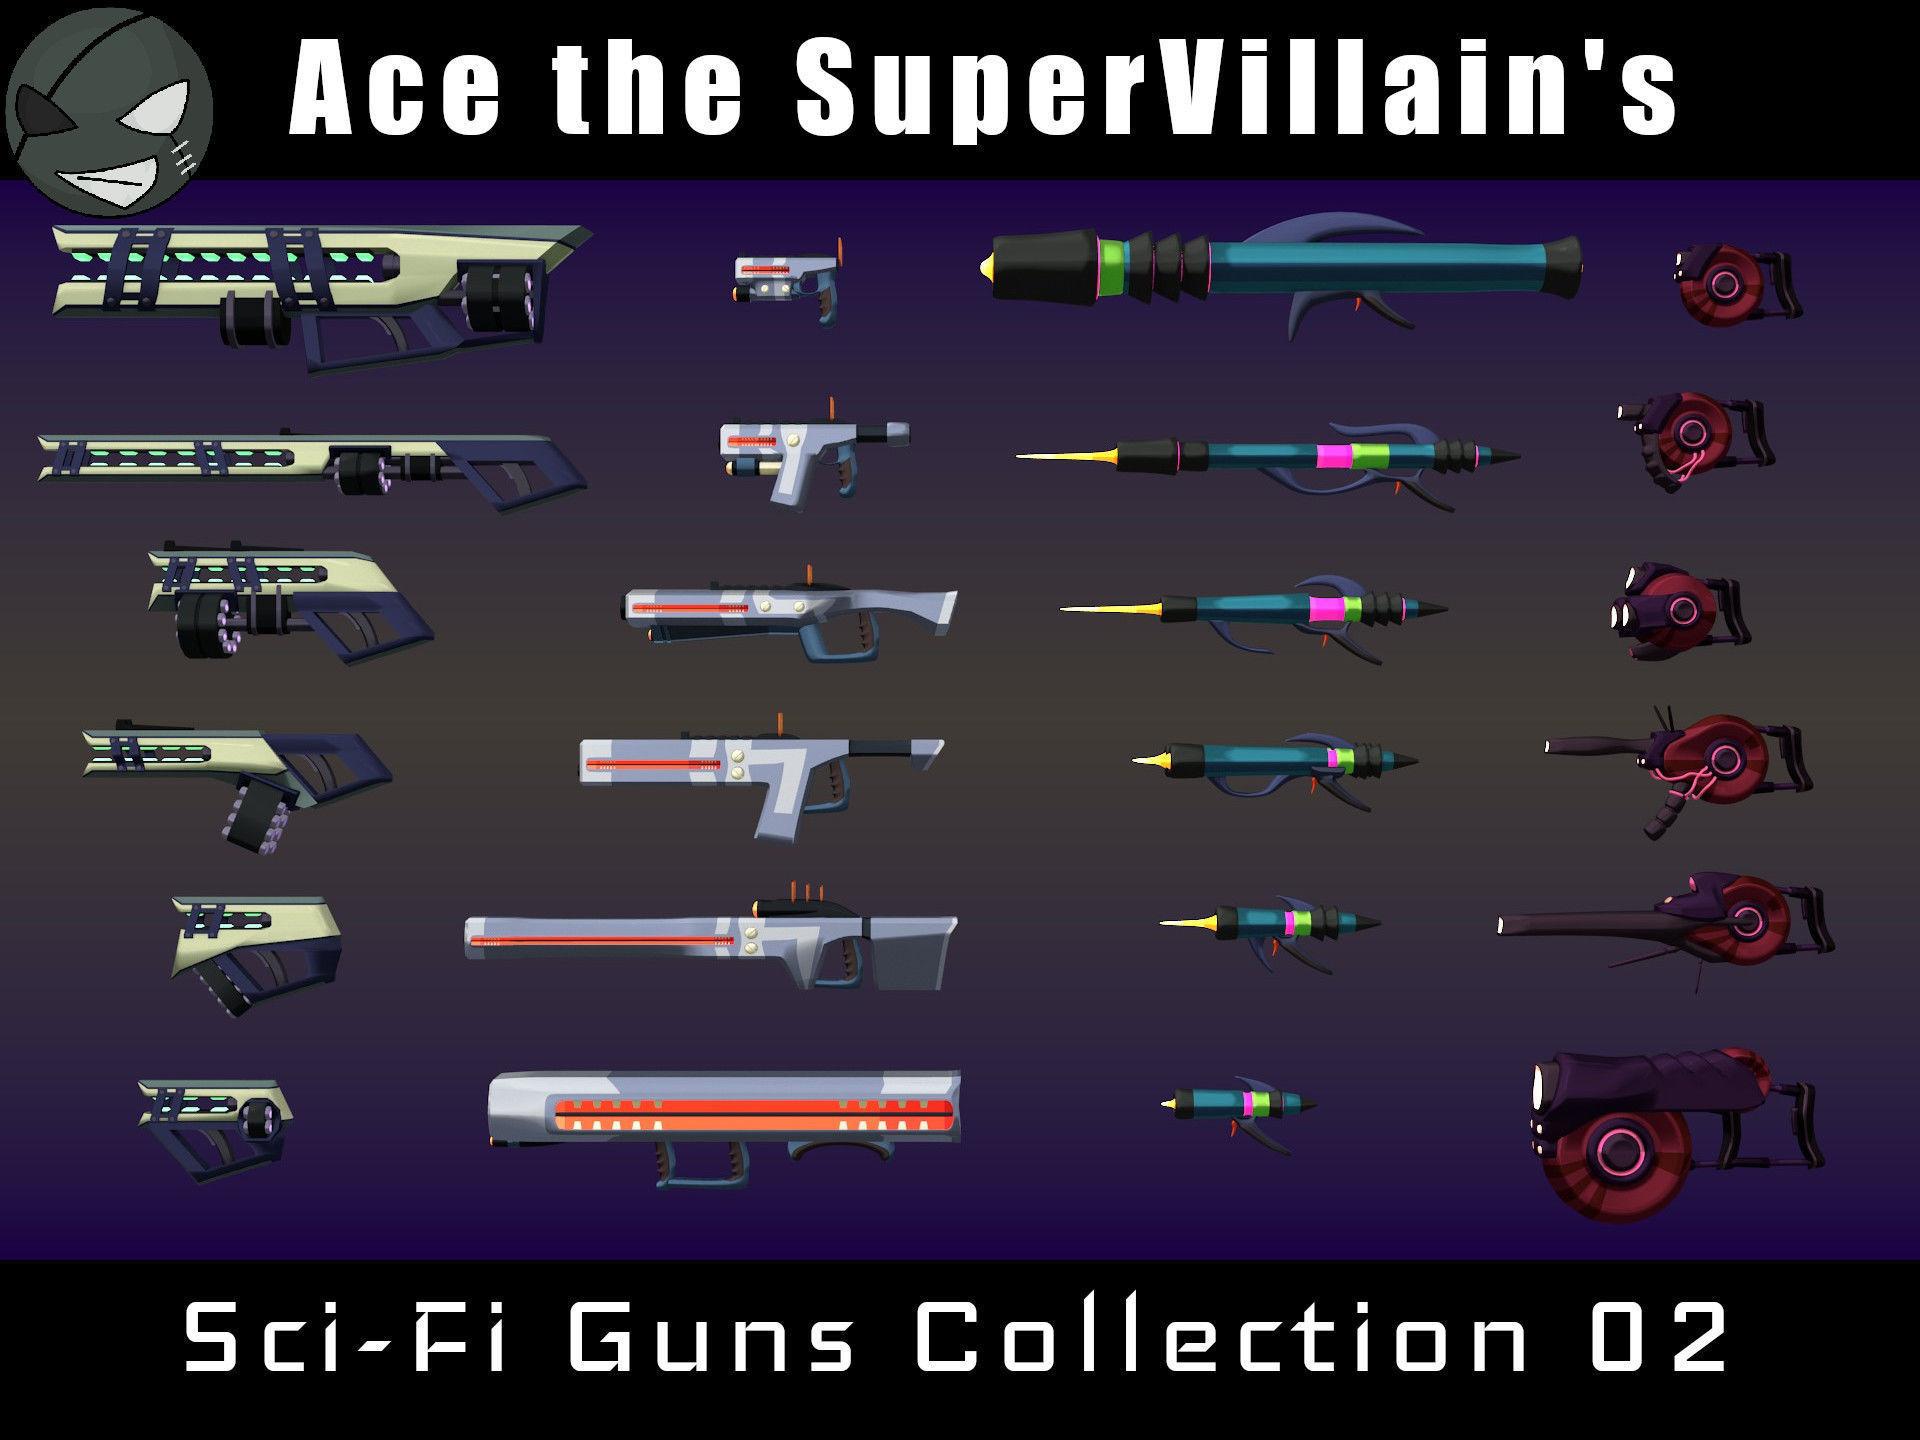 ASV SciFi Guns Volume 02